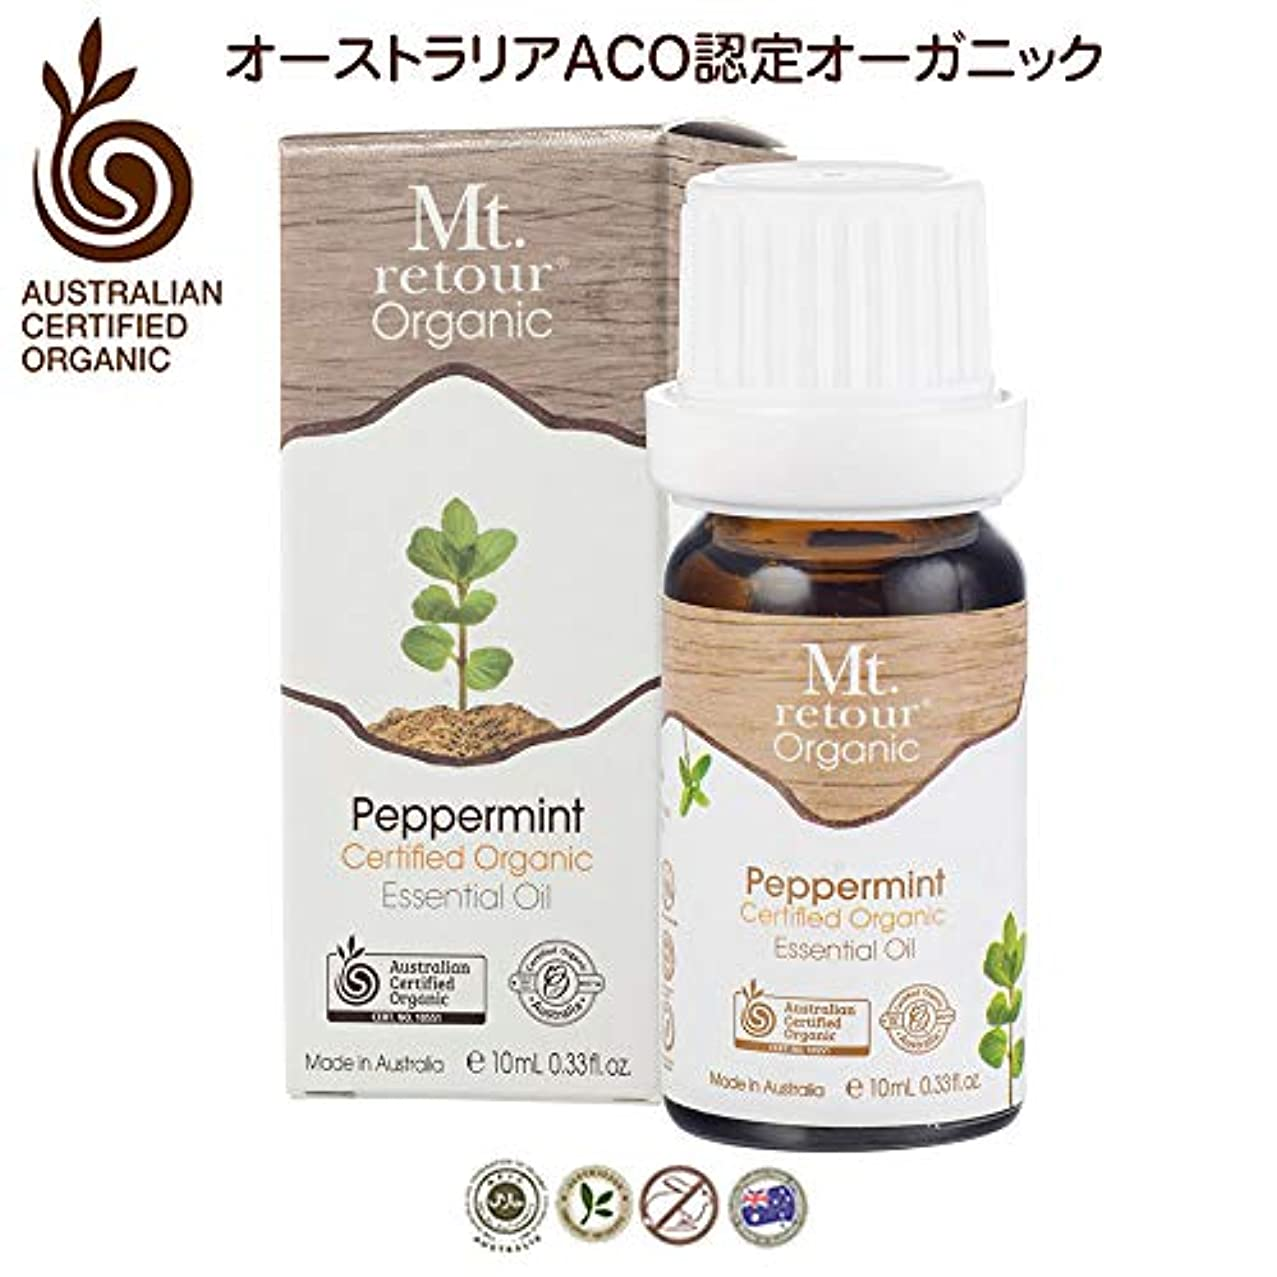 蓮さておき願うMt. retour ACO認定オーガニック ペパーミント10ml エッセンシャルオイル(無農薬有機)アロマ